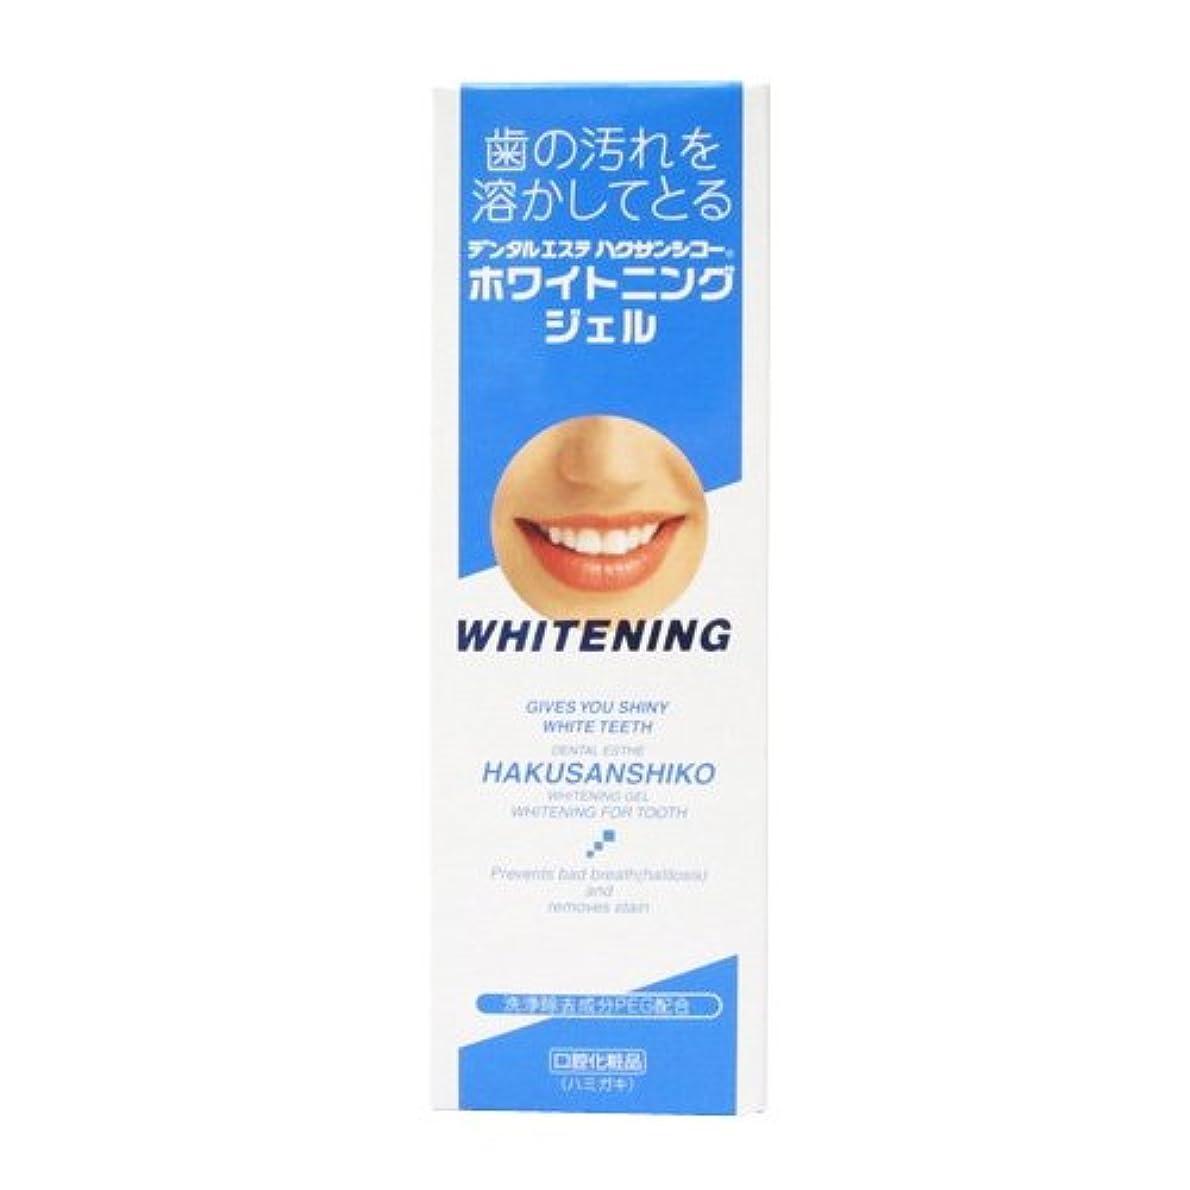 魅力的であることへのアピール国家勝利した中薬 ハクサンシコー ホワイトニングジェル70g